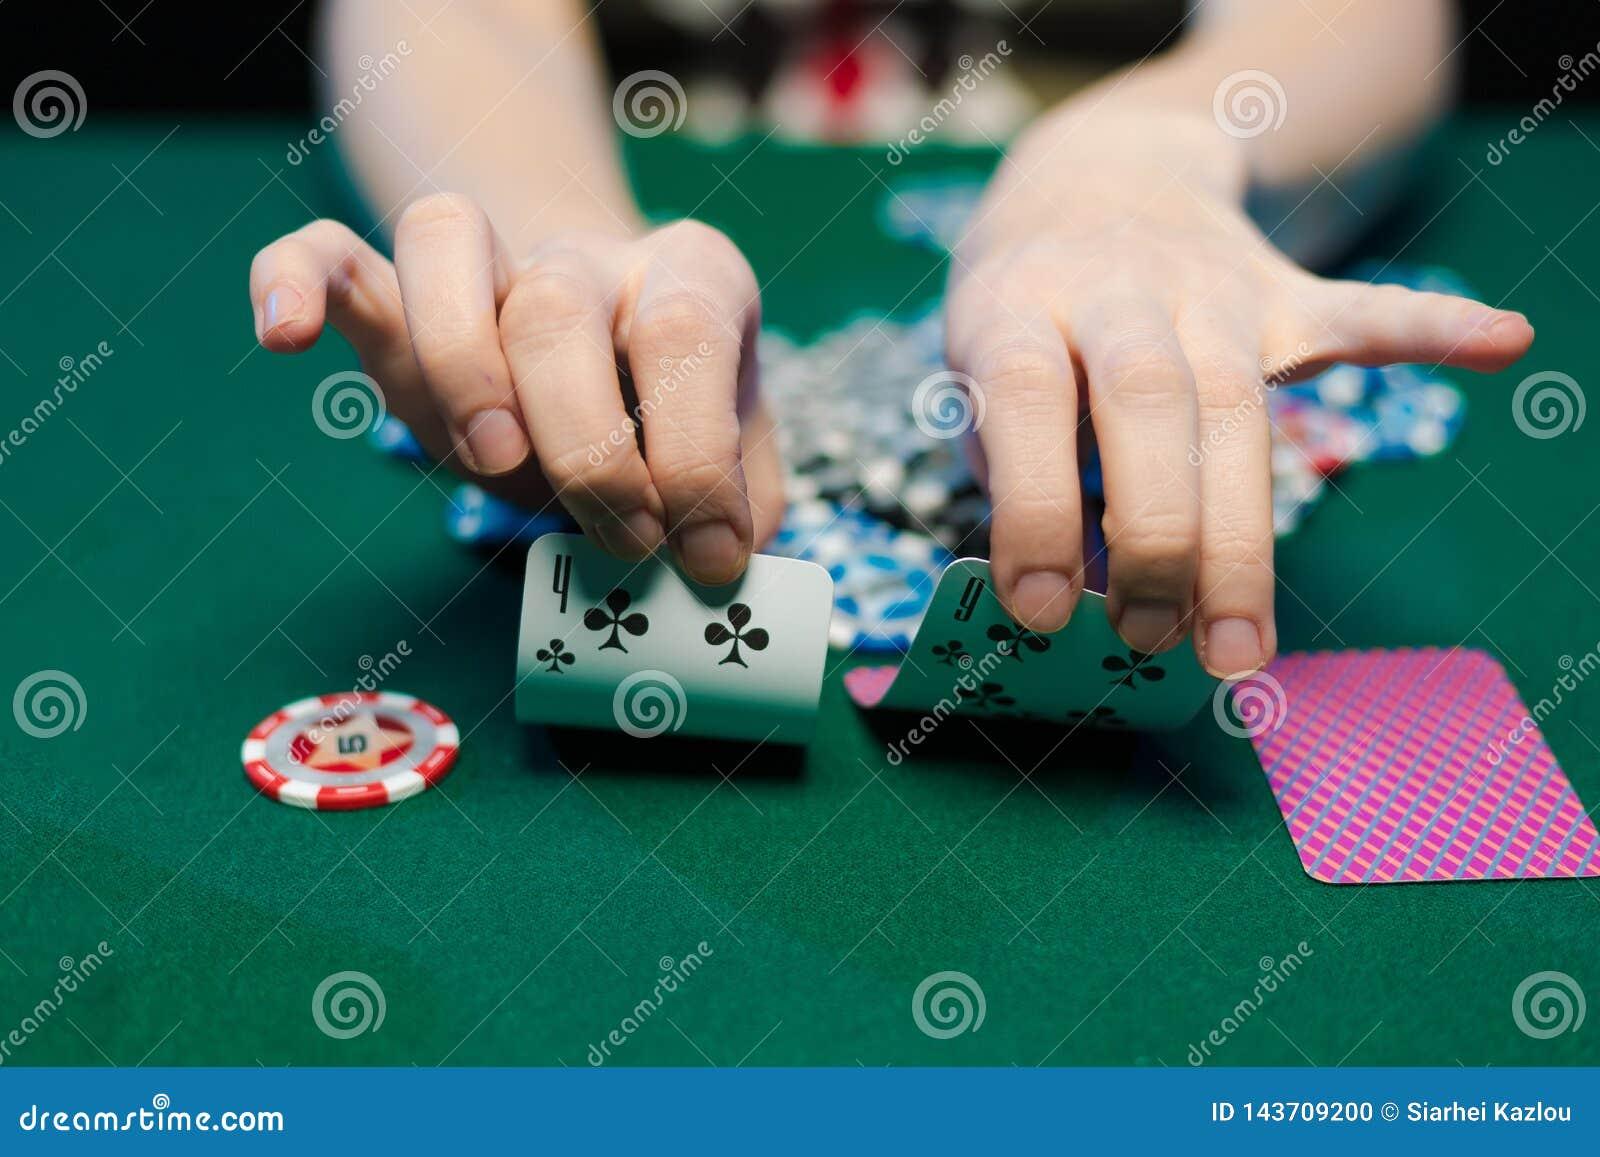 Żeńskie ręki rozkładają karty do gry i układy scalonych w kasynie